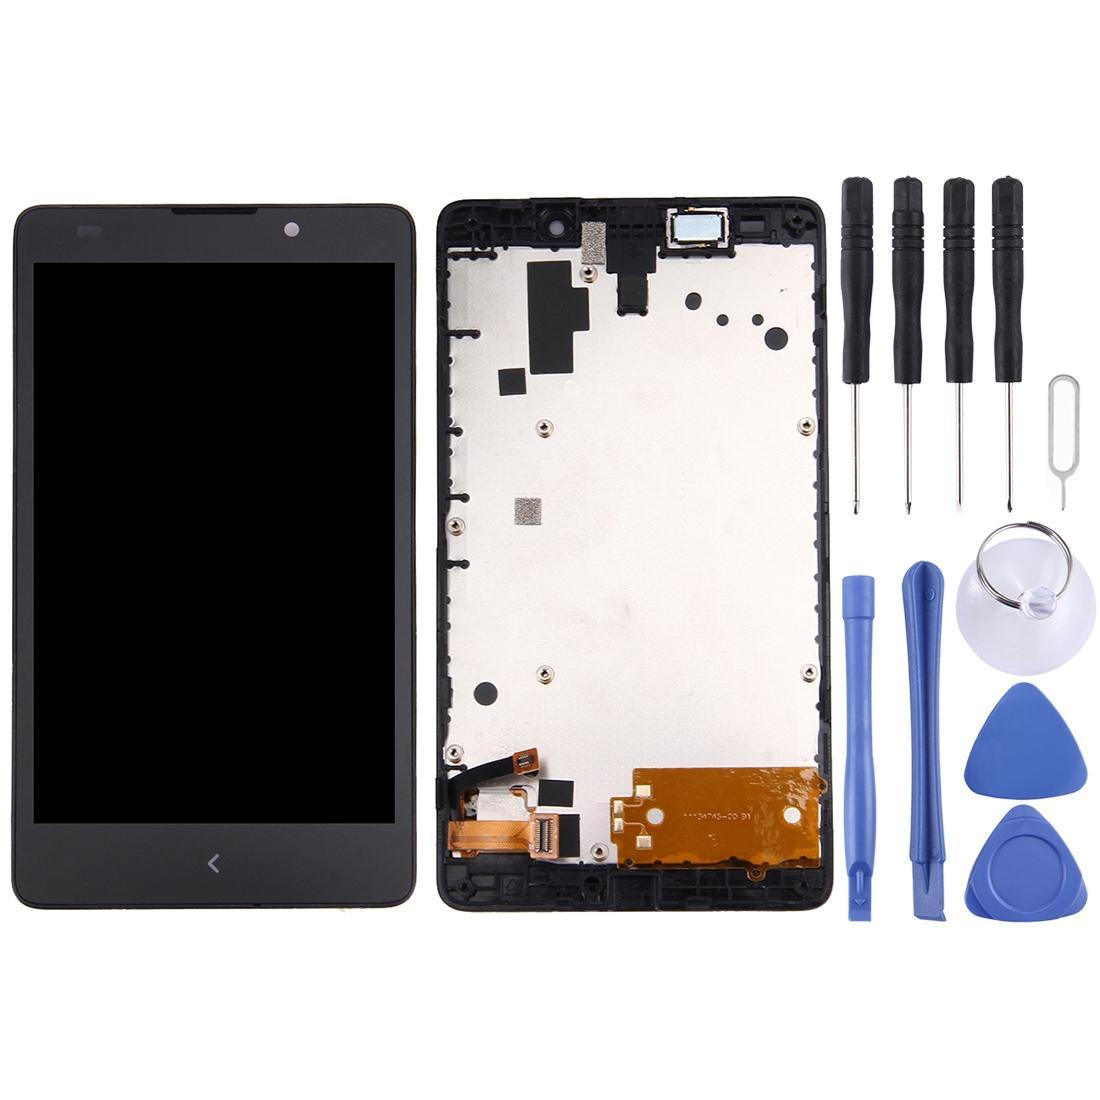 Layar LCD + Sentuh Panel dengan Bingkai untuk Nokia XL (Hitam)